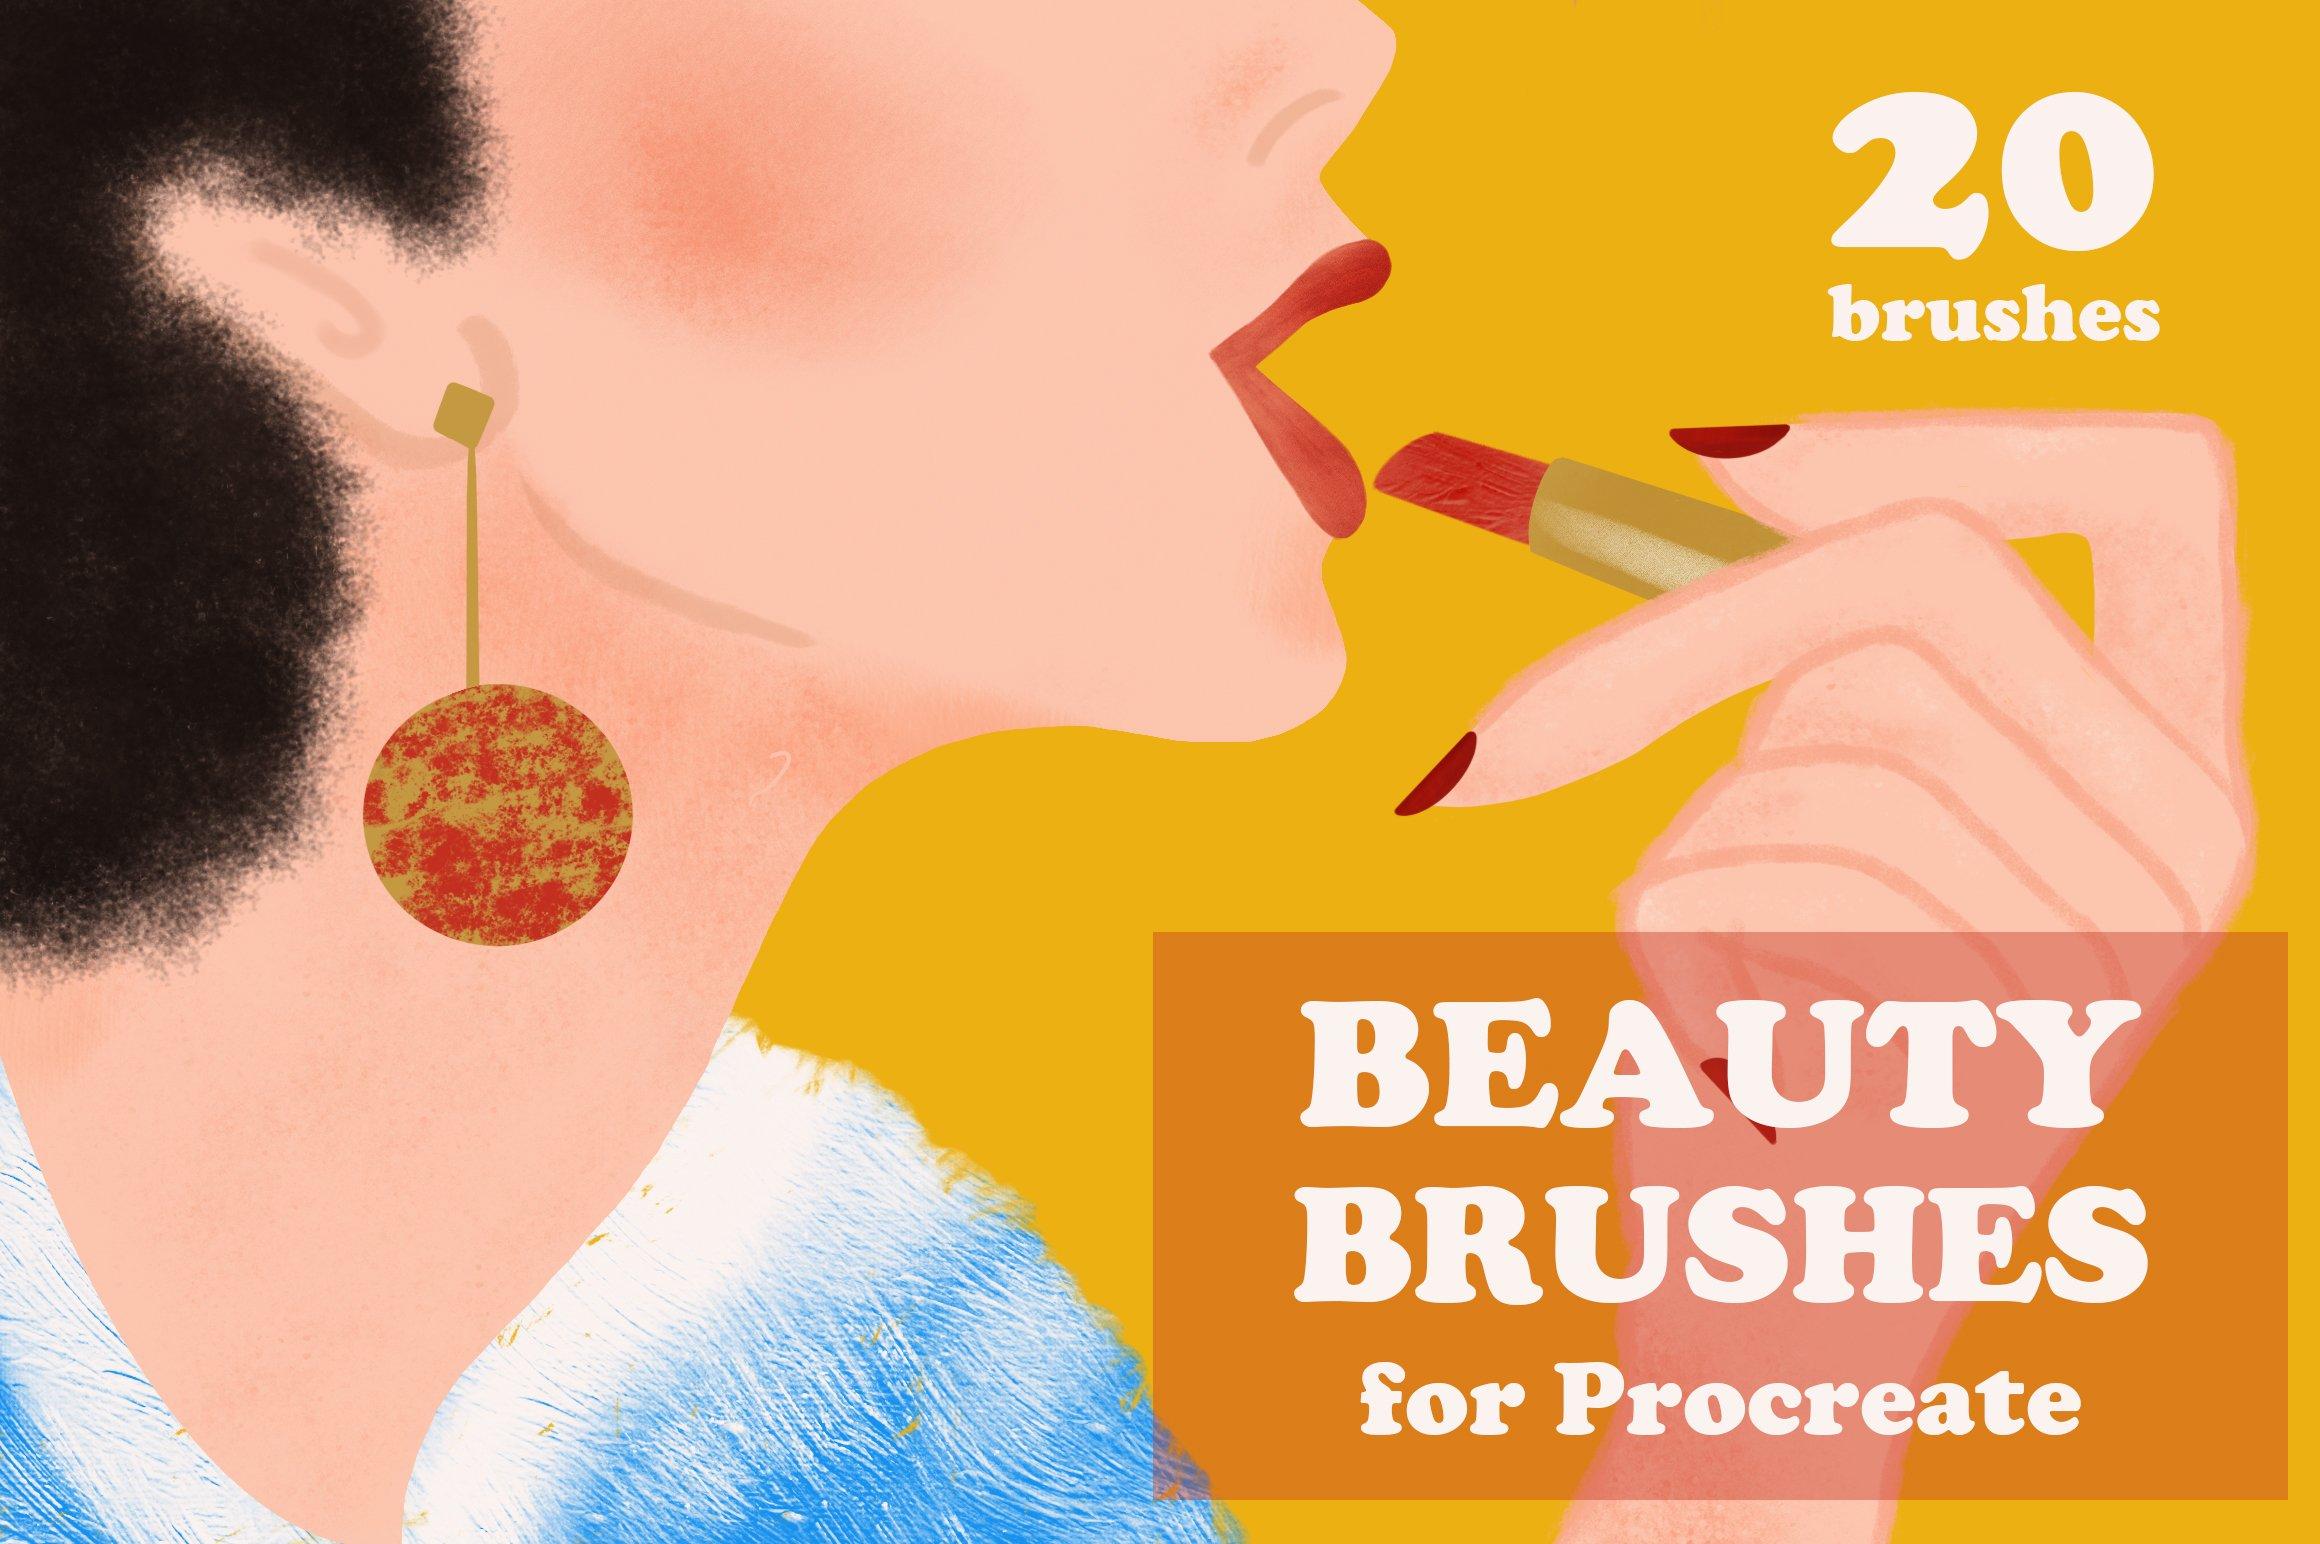 15套逼真铅笔蜡笔Procreate笔刷纹理着色器素材套装 Procreate Brushes Megabundle插图9